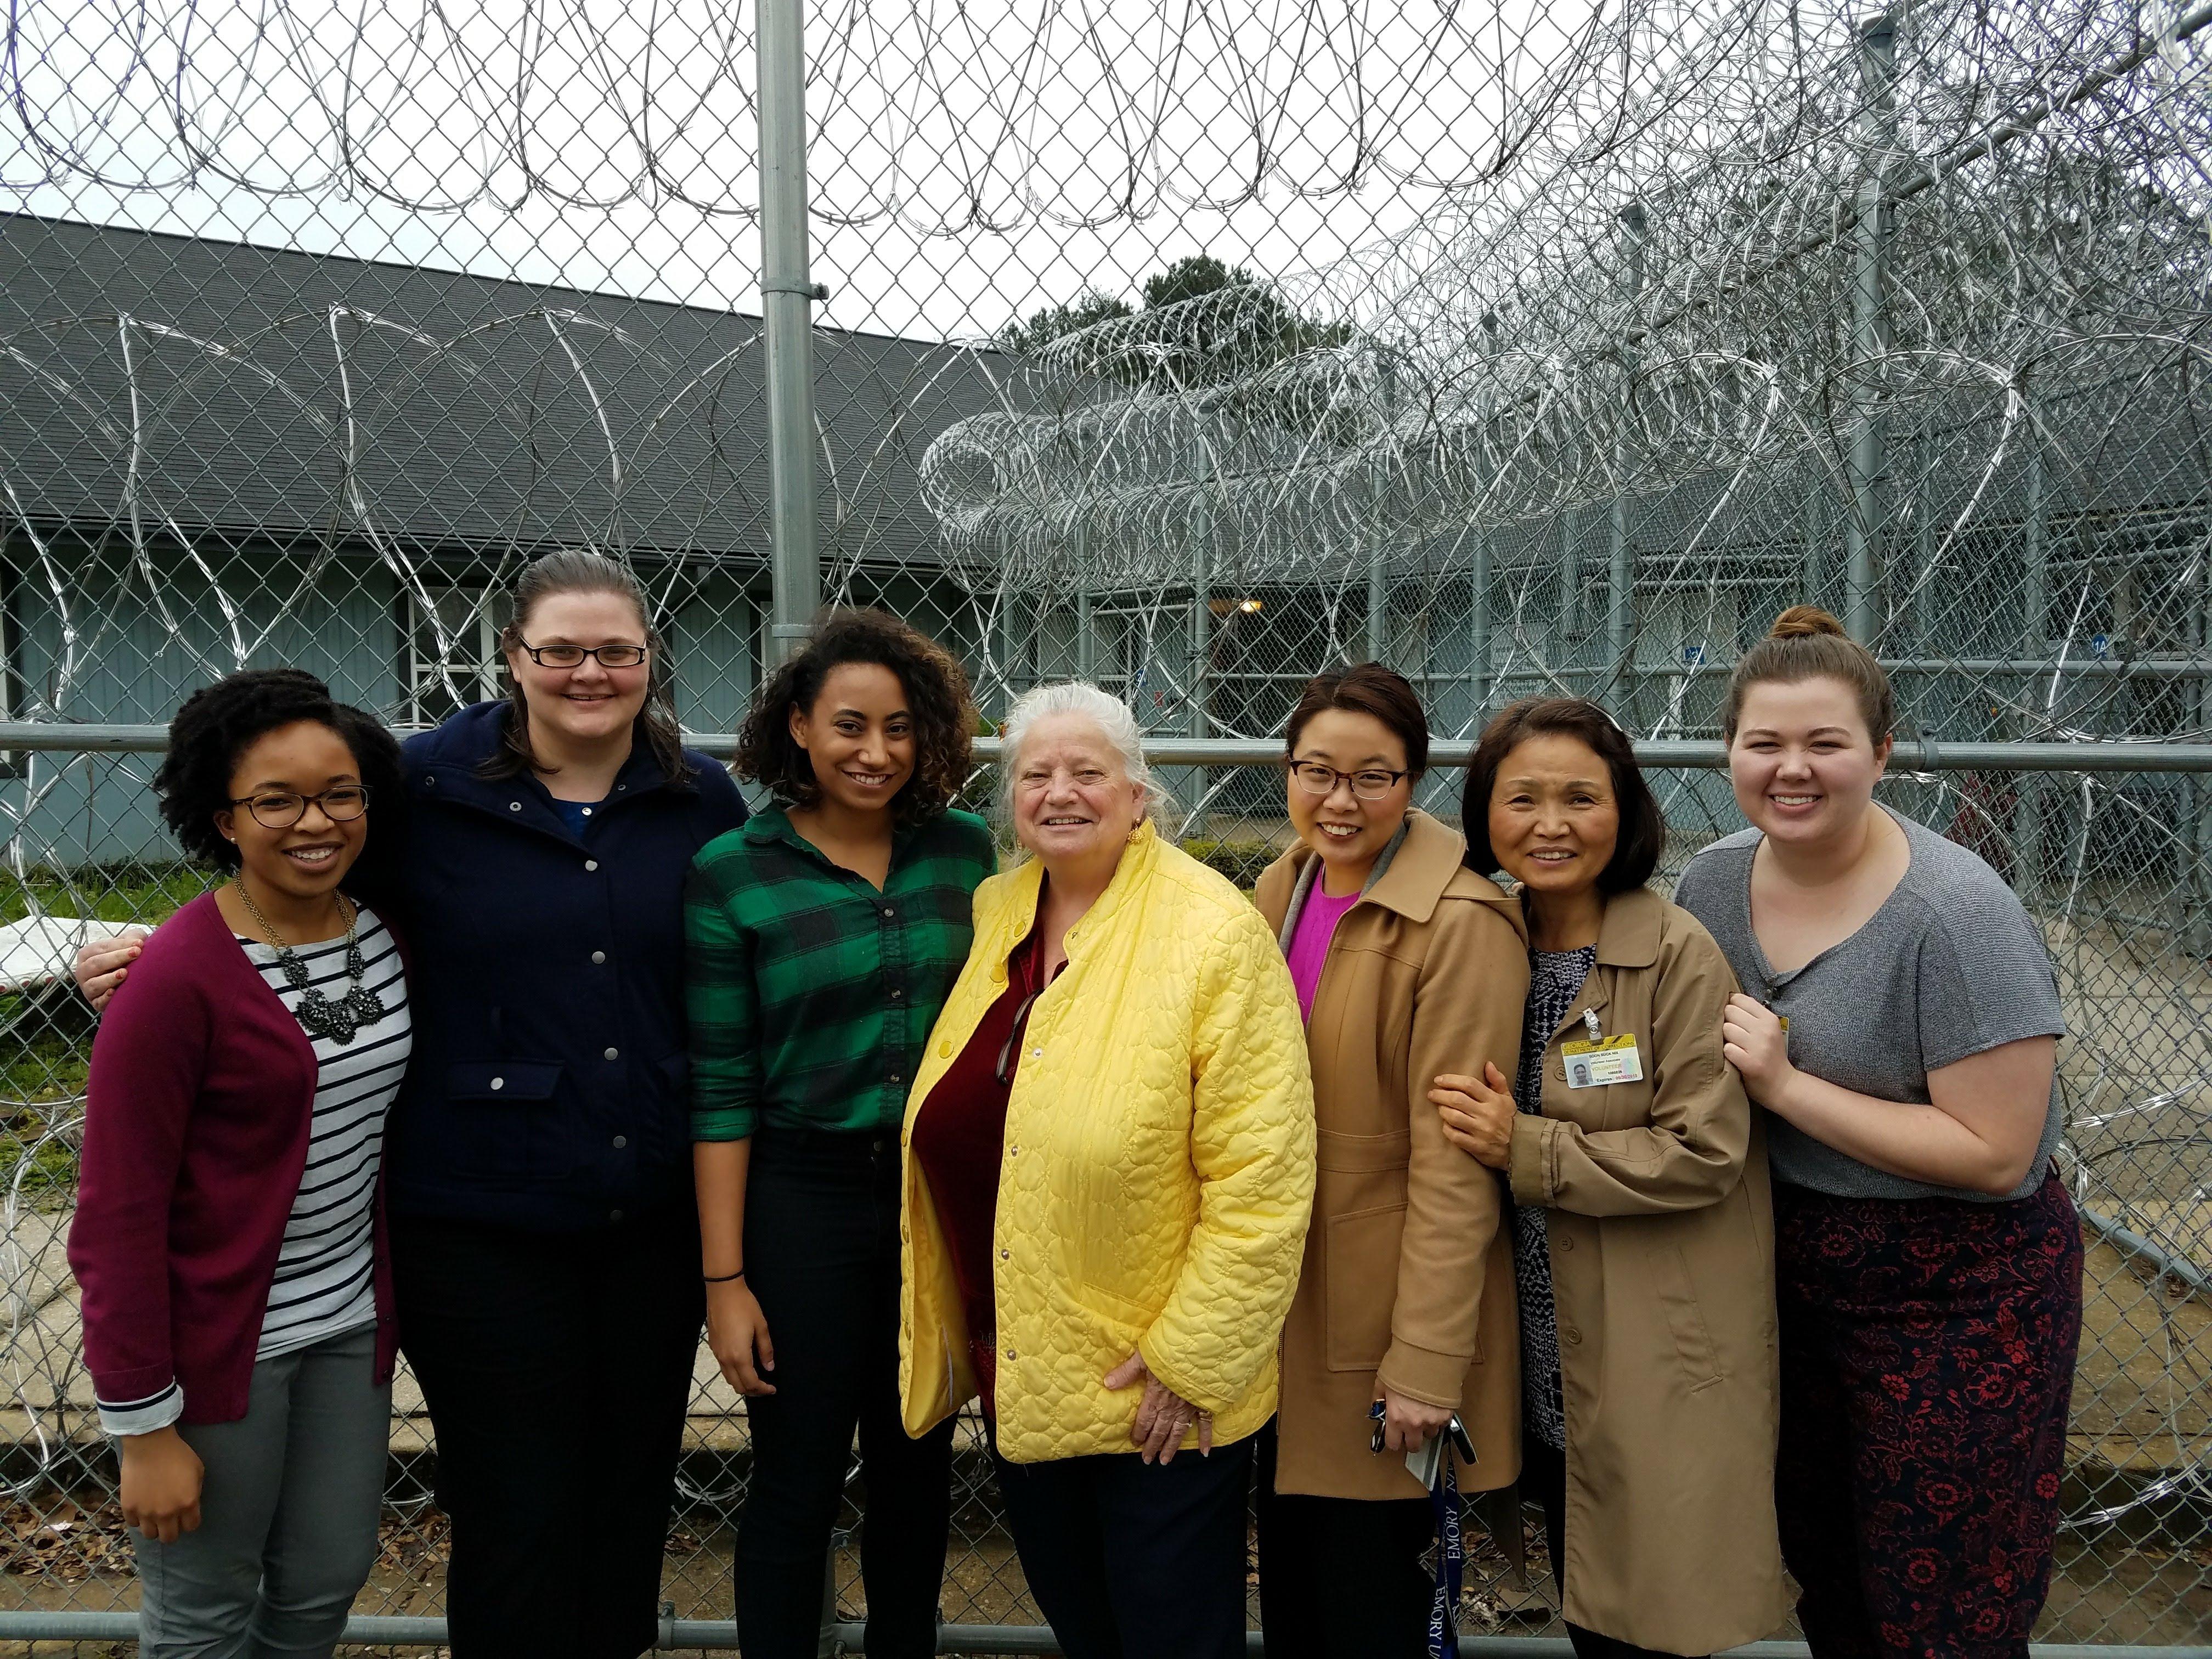 교도소 앞에서 찍은 사진 이름이 오른쪽부터; Anna Swygert, Soon Nix, Dr Helen Kim, Chaplain Bishop , Ari Colston, Samantha Aupperlee, Kim Akano  사진제공: Soon Nix.